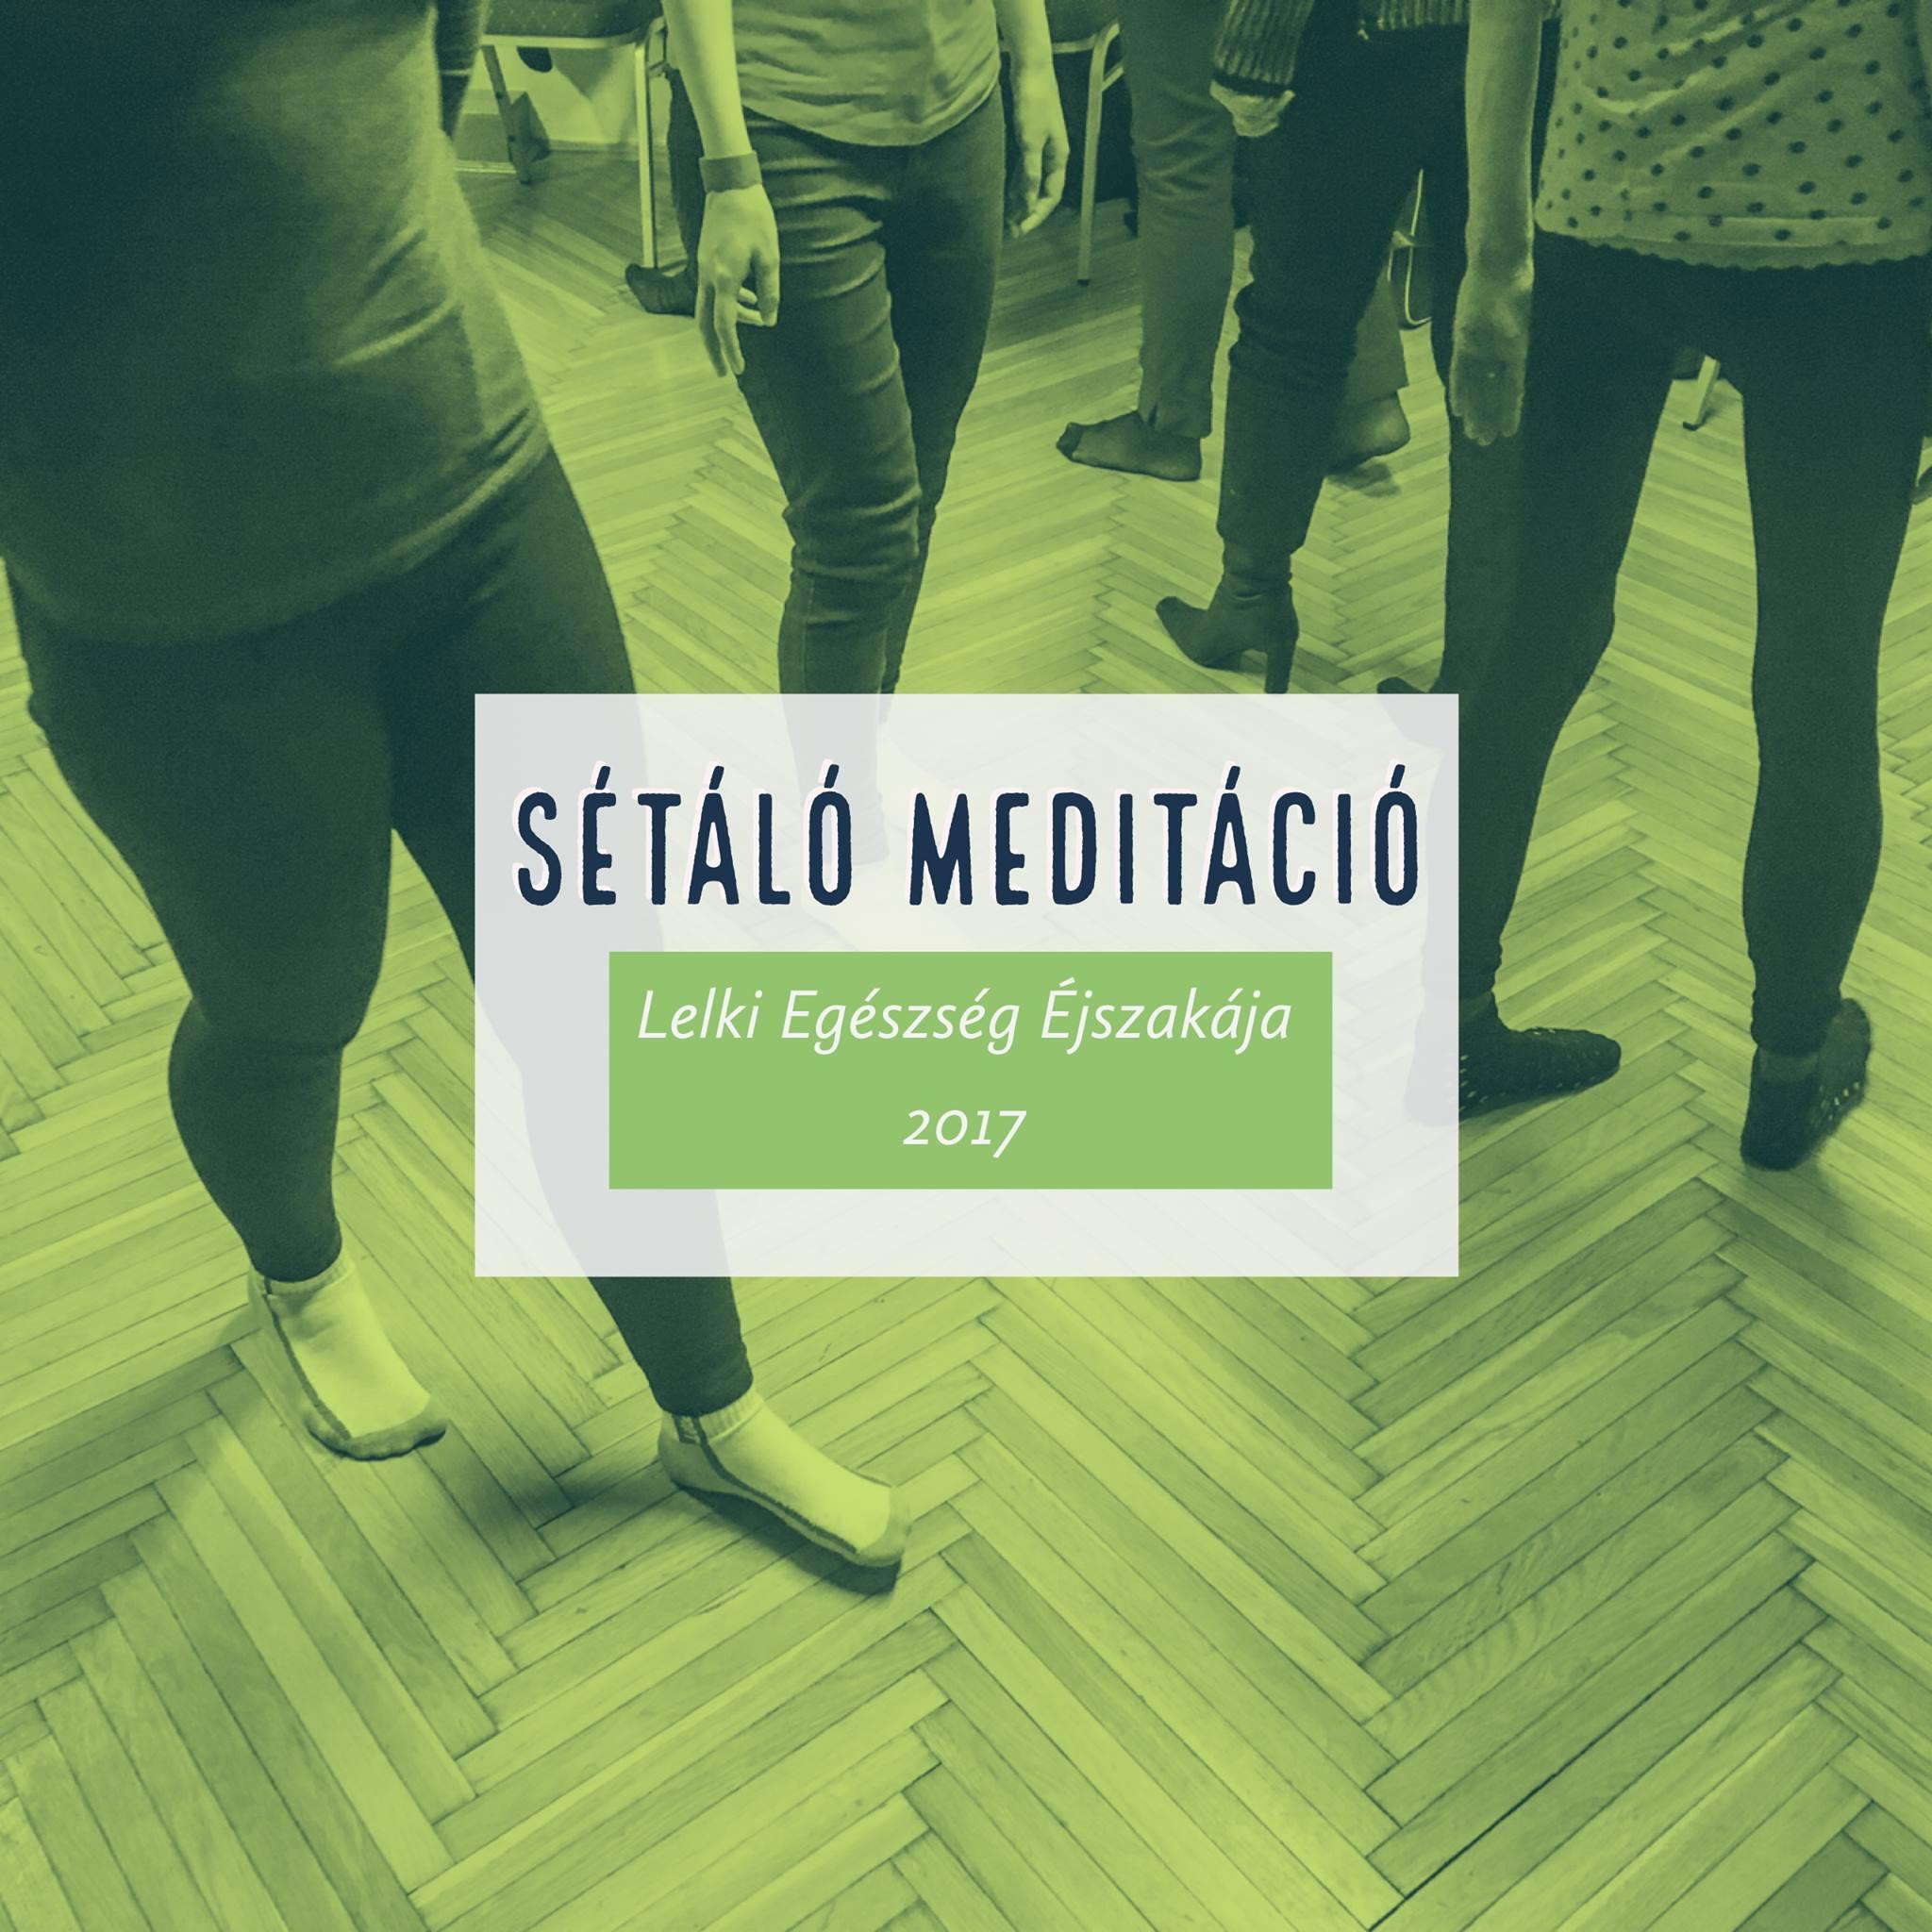 Sétáló meditáció workshop Schell Gergely